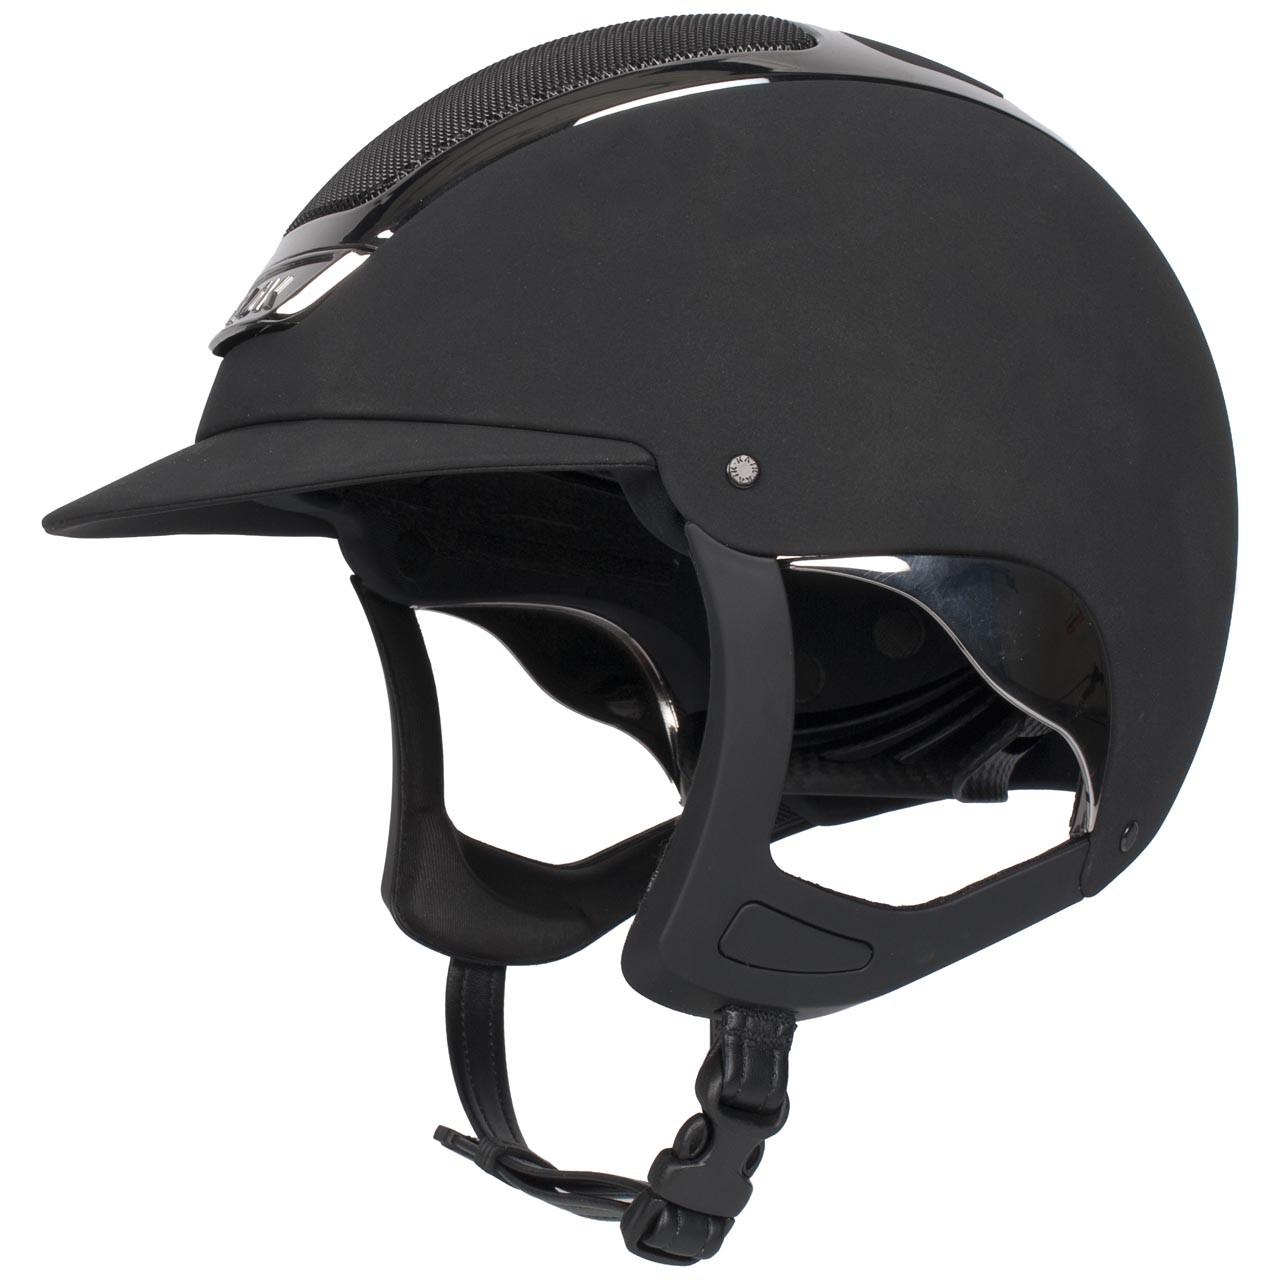 Kask Dogma Chrome Light cap zwart maat:57